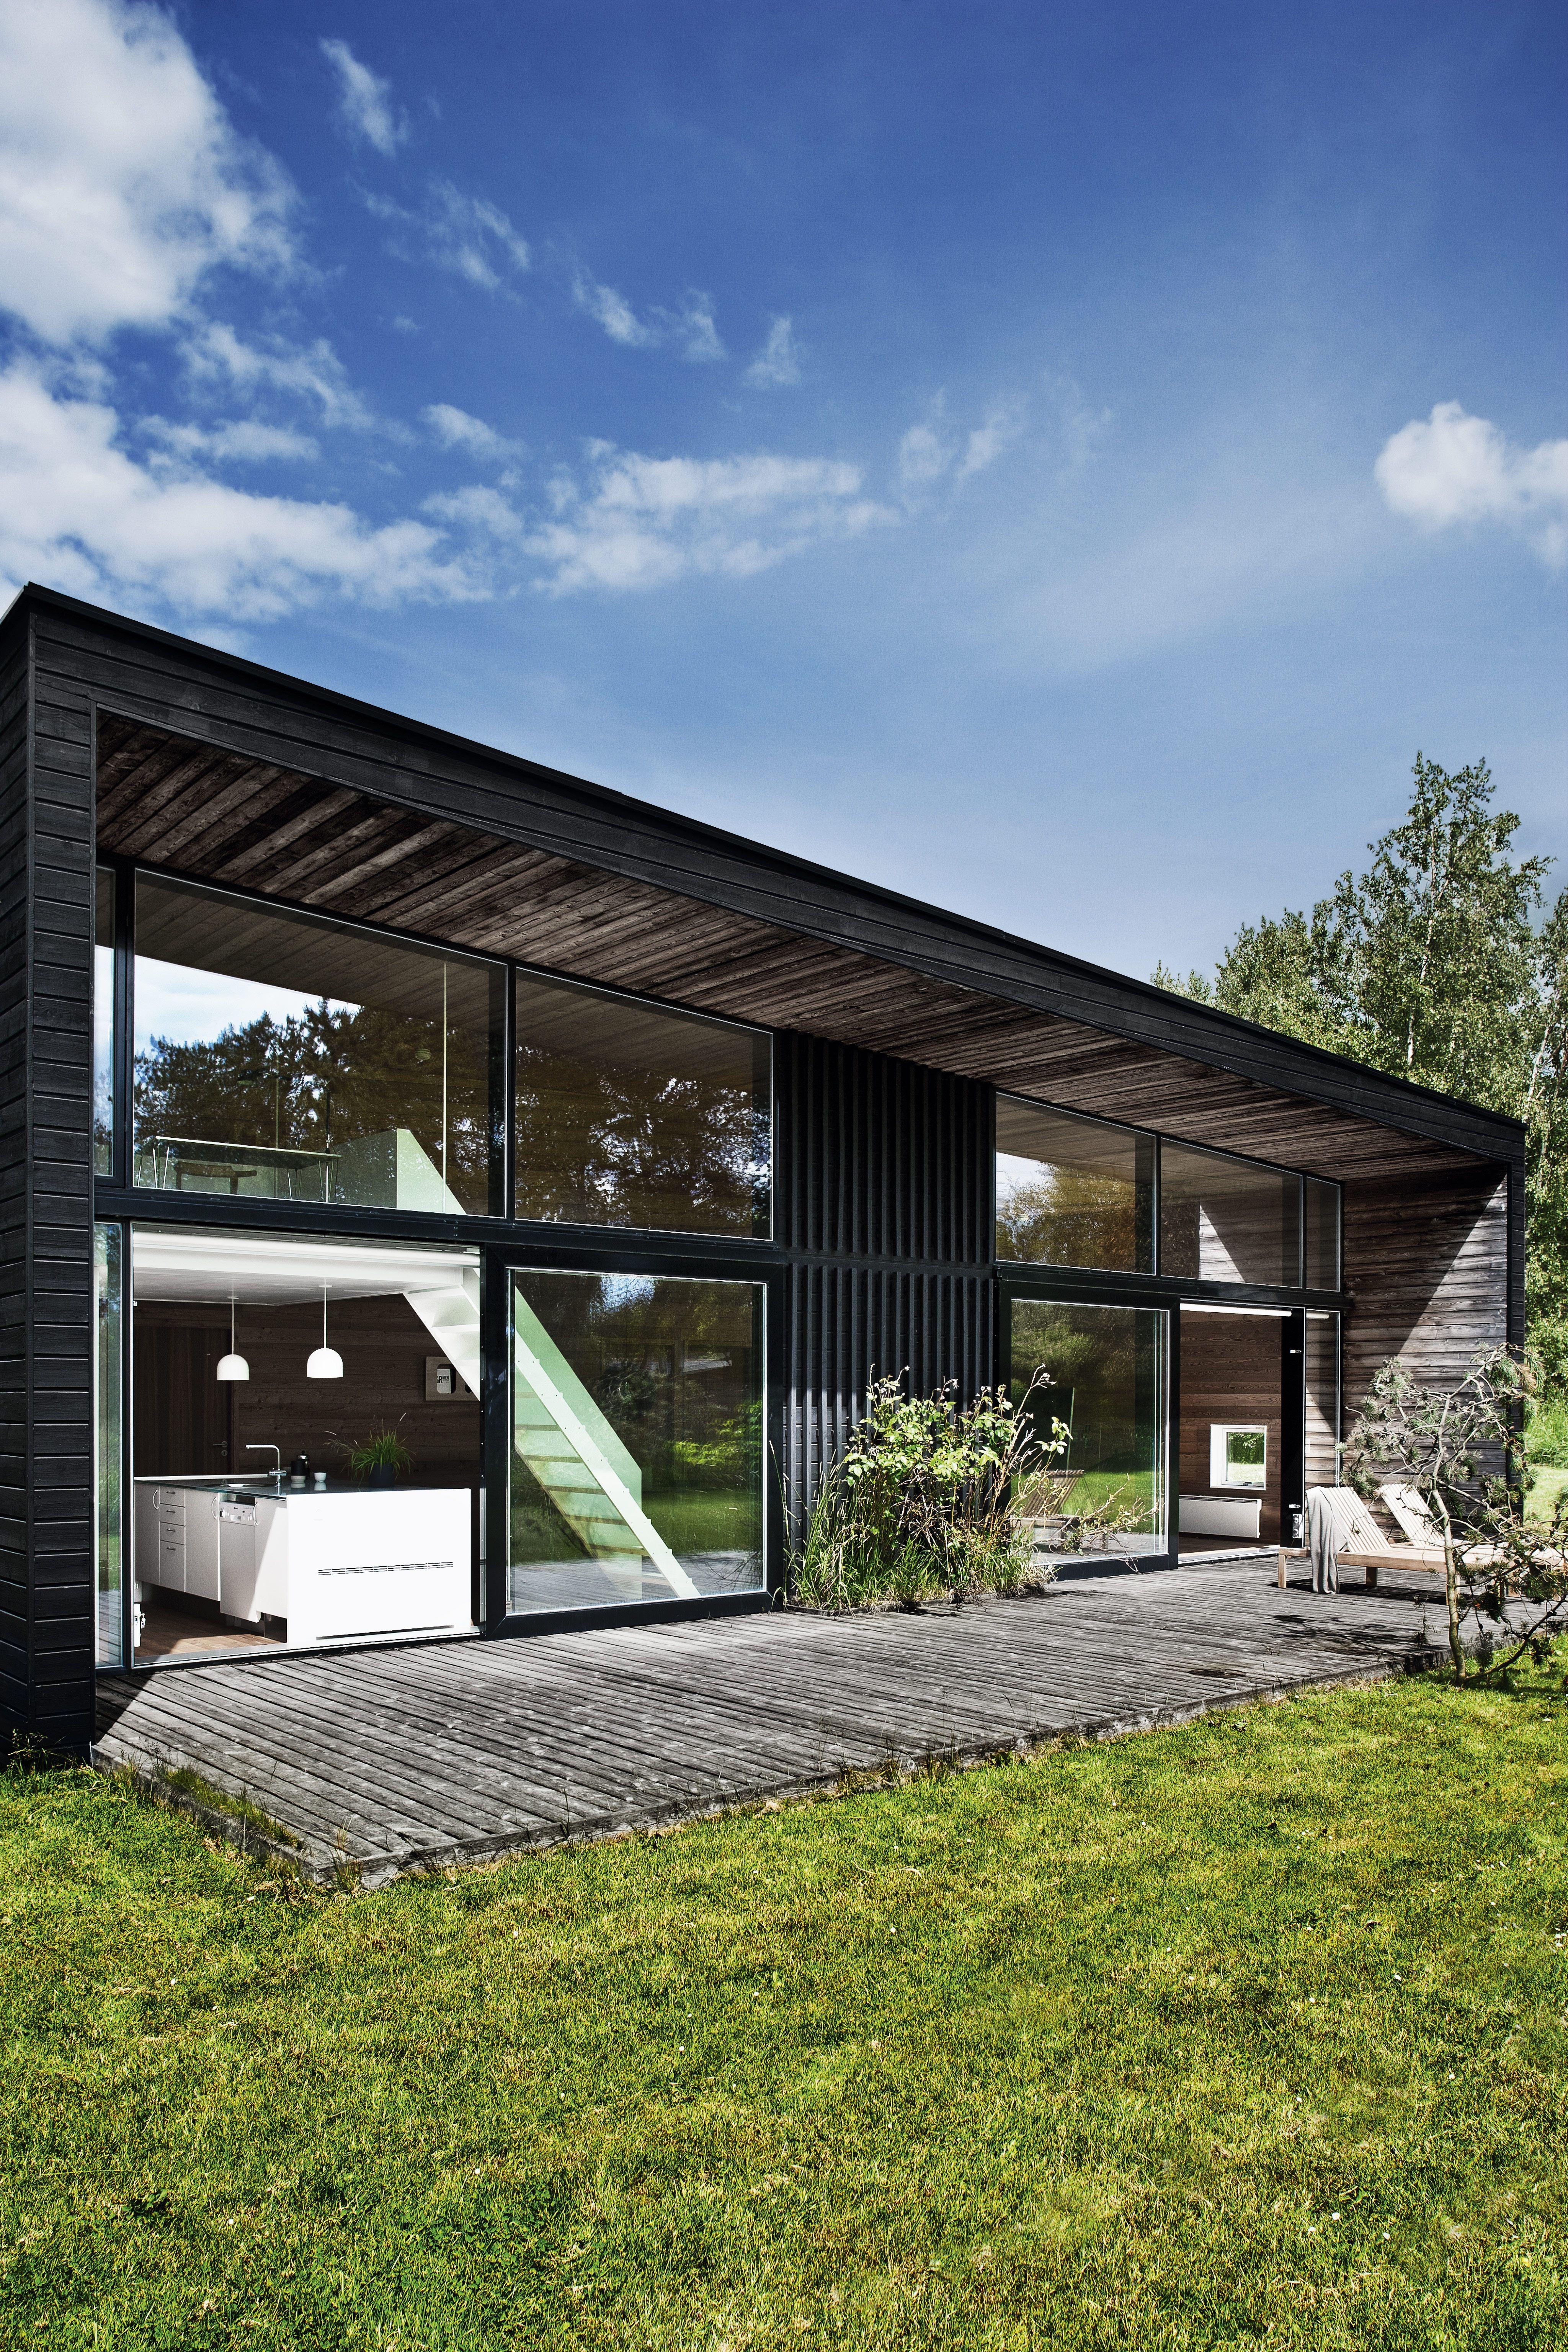 Kim holst jensens arkitekt / sommerhus, rågeleje nordsjælland ...